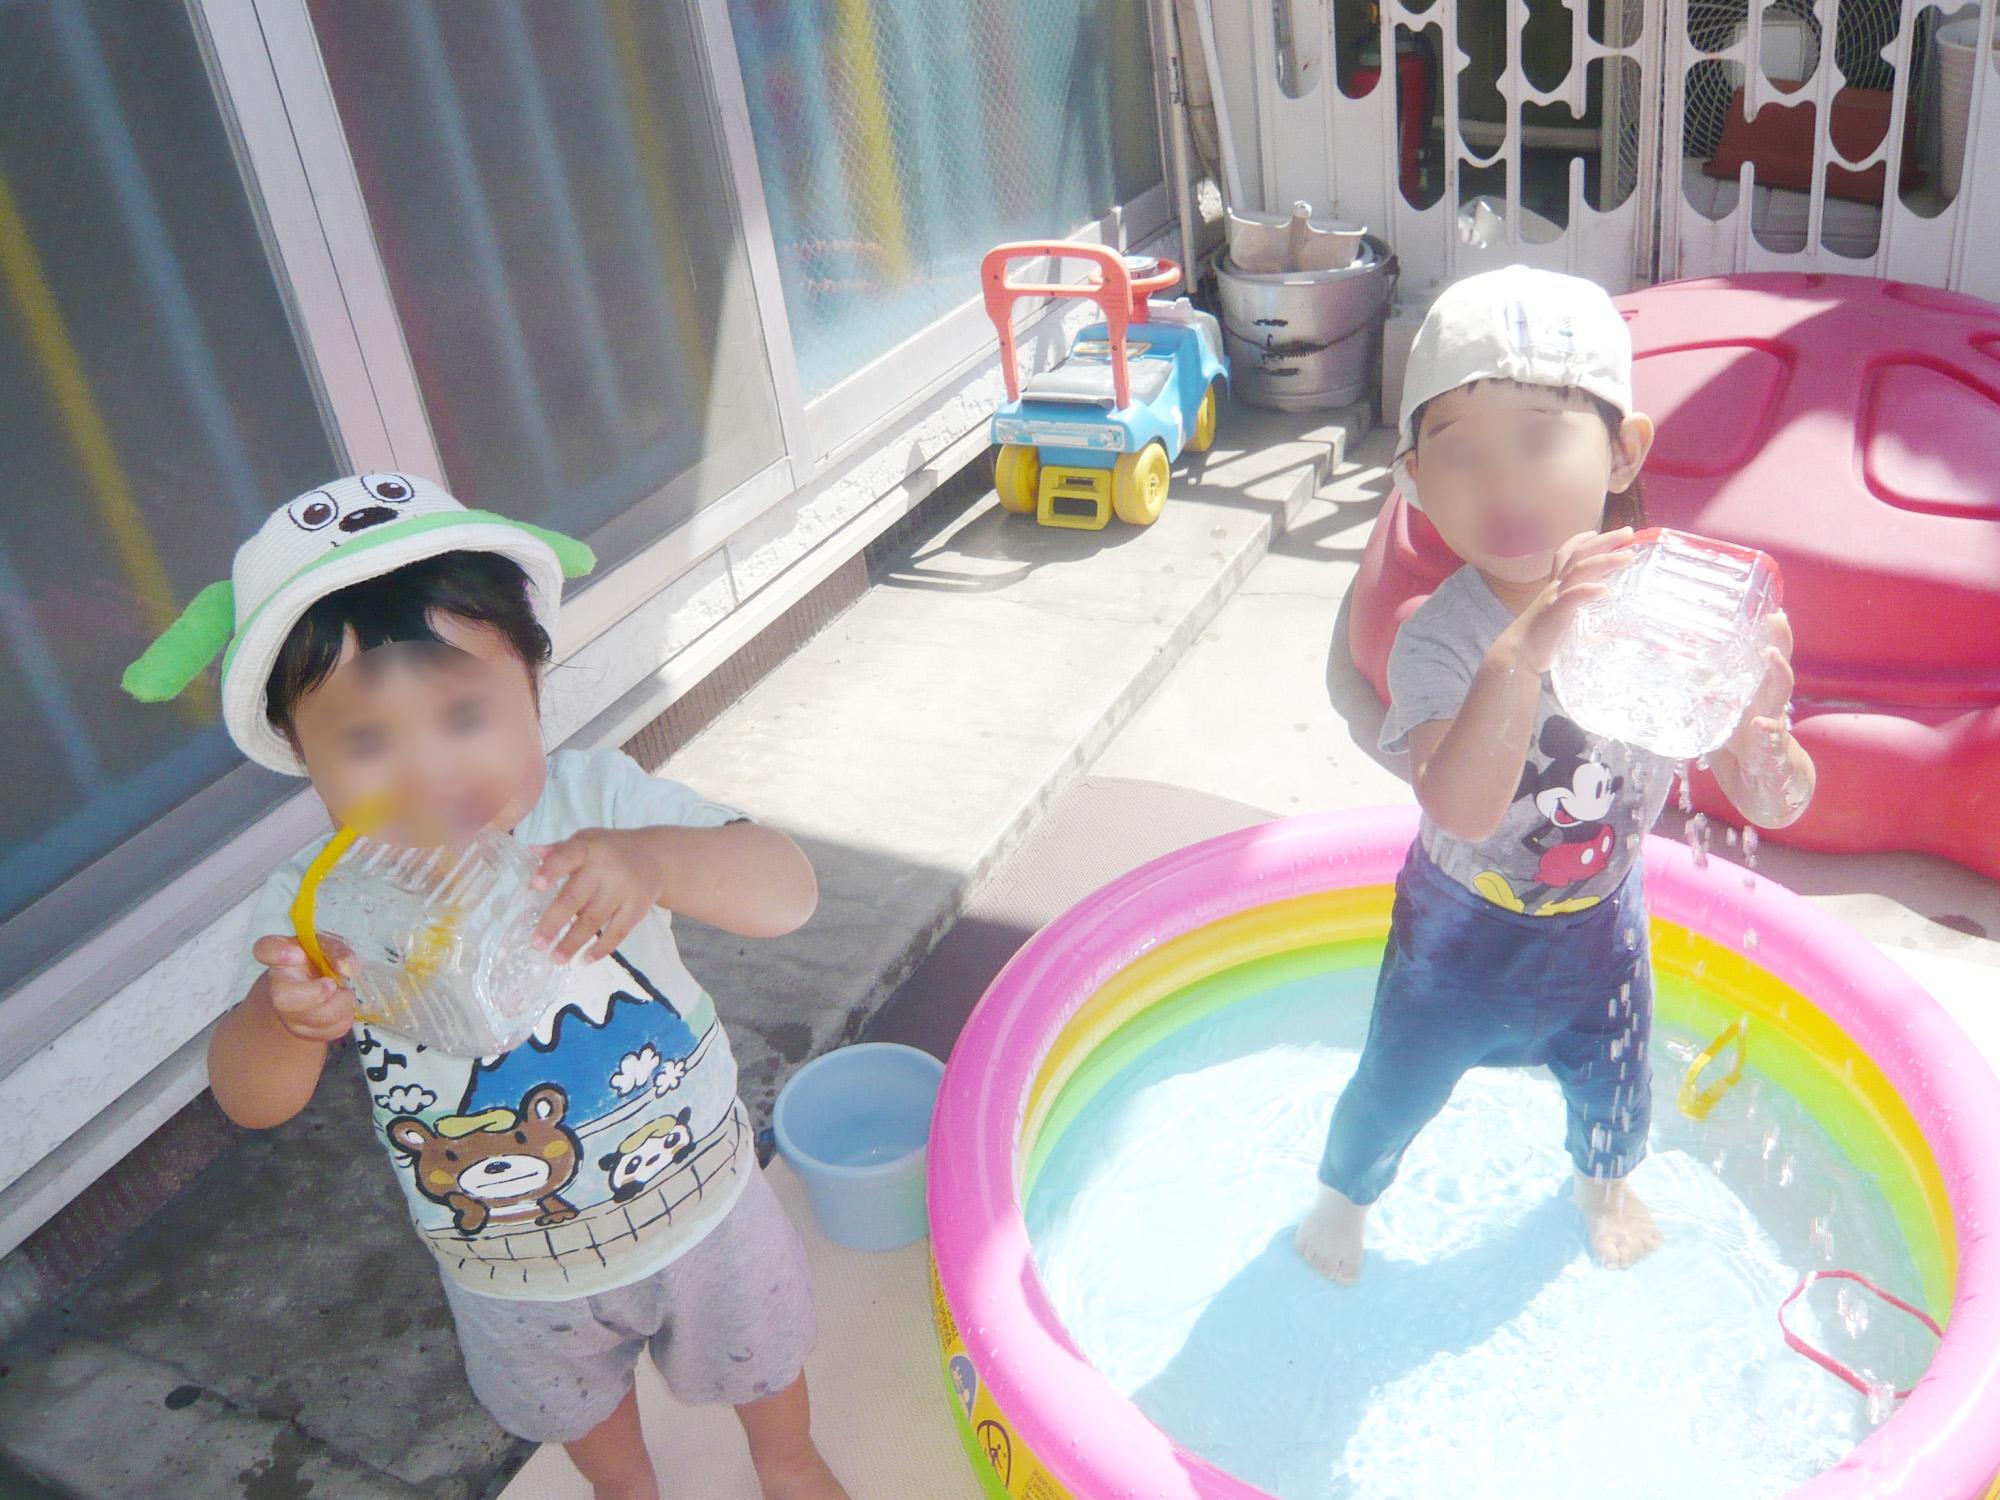 暑い日がつづくなか、</br>プールで夏を満喫♪